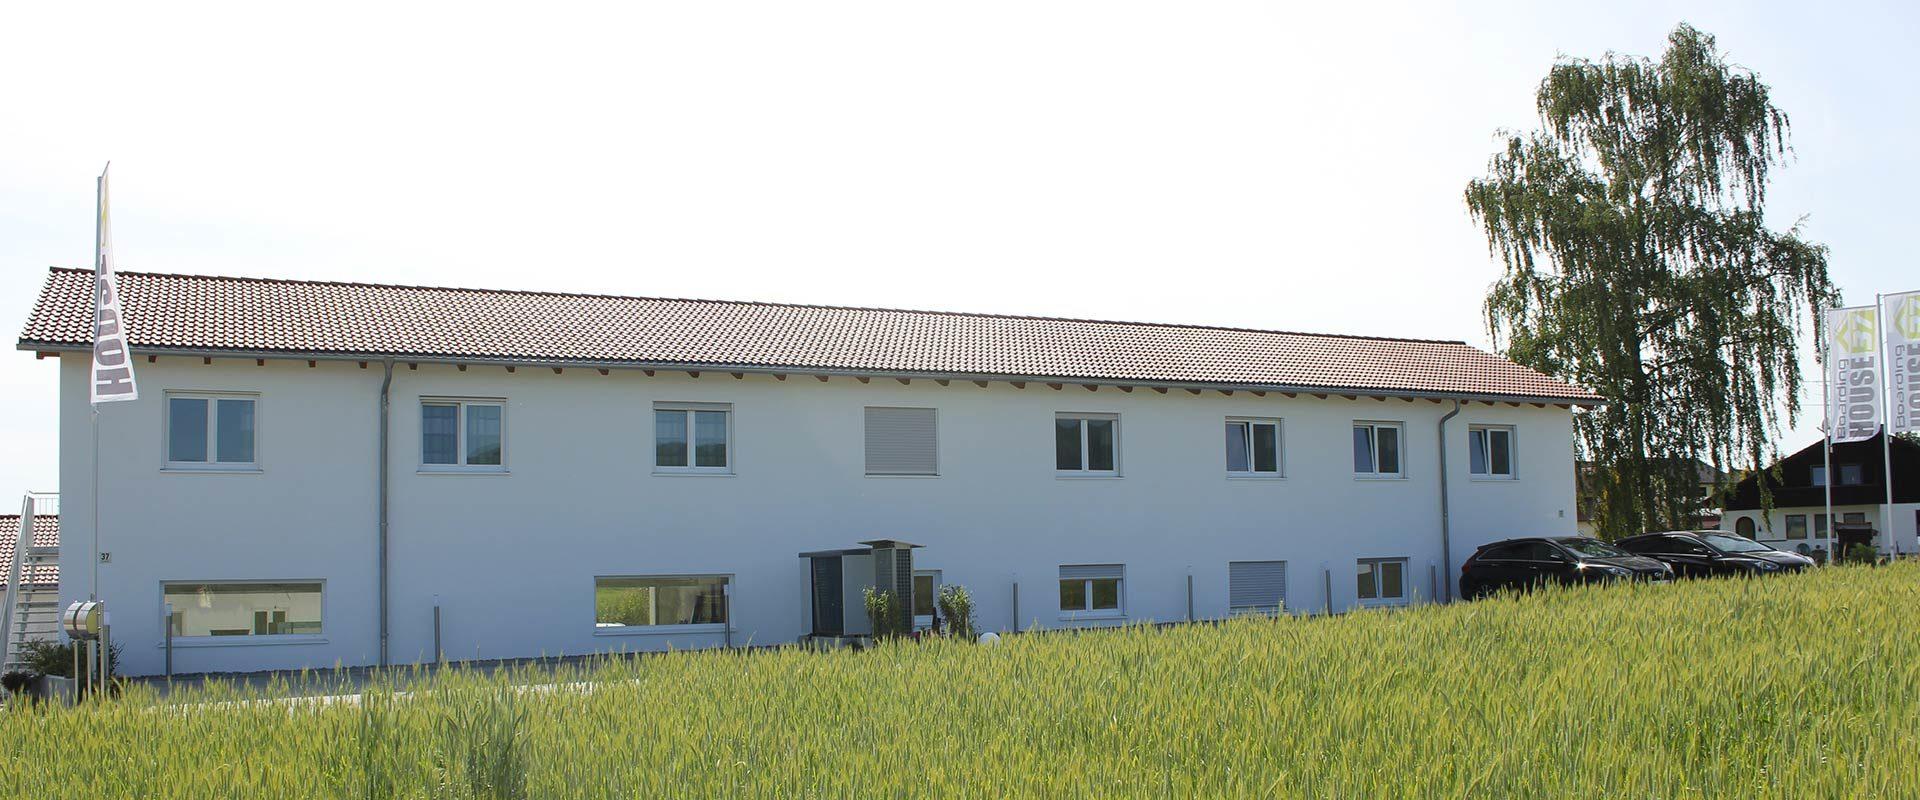 Boardinghouse 37 in Schwarzach von hinten